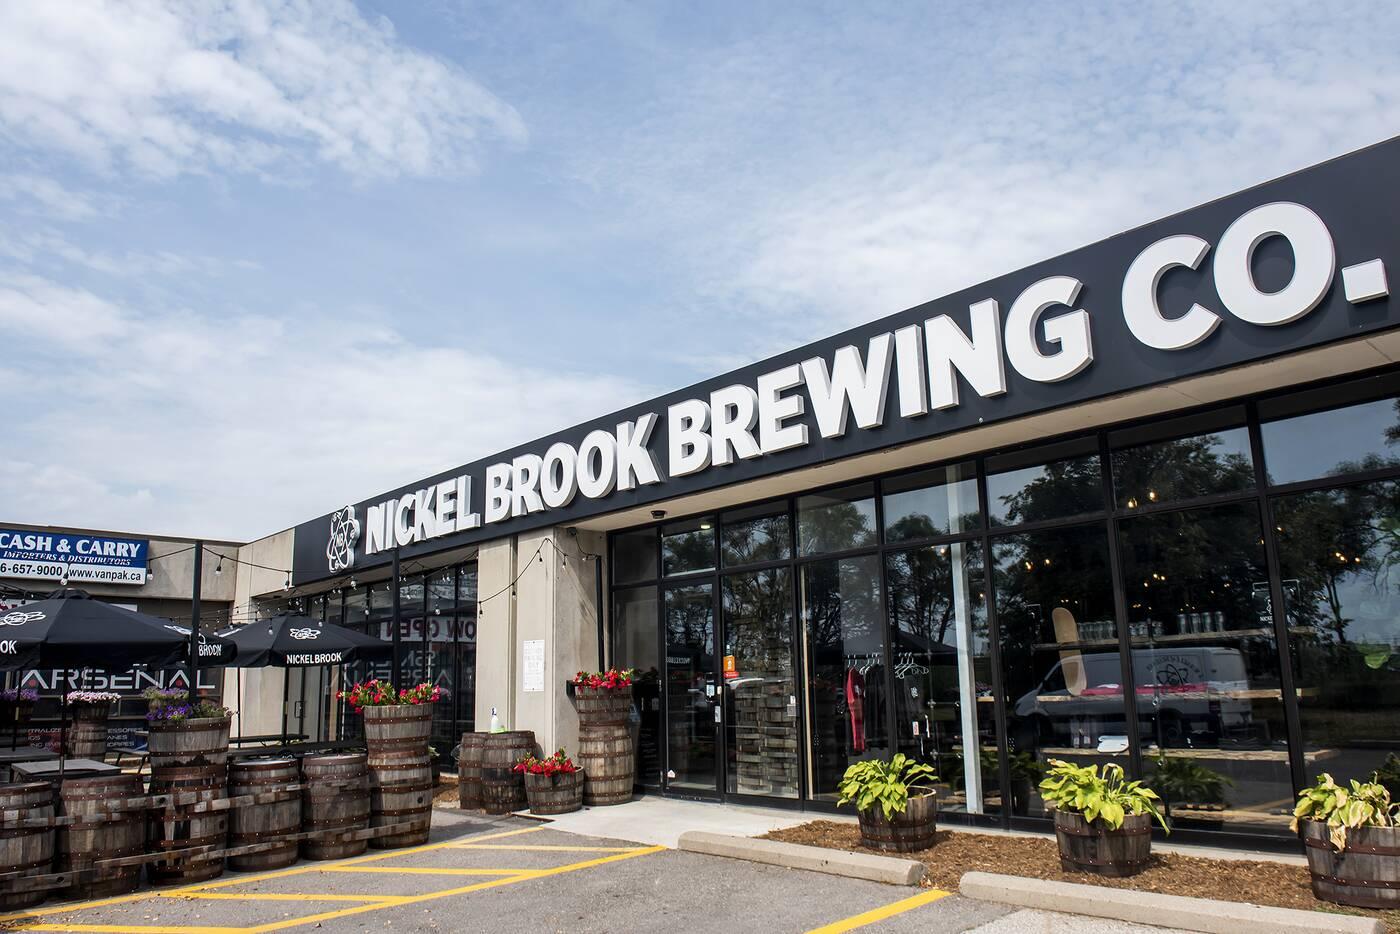 nickel brook brewery